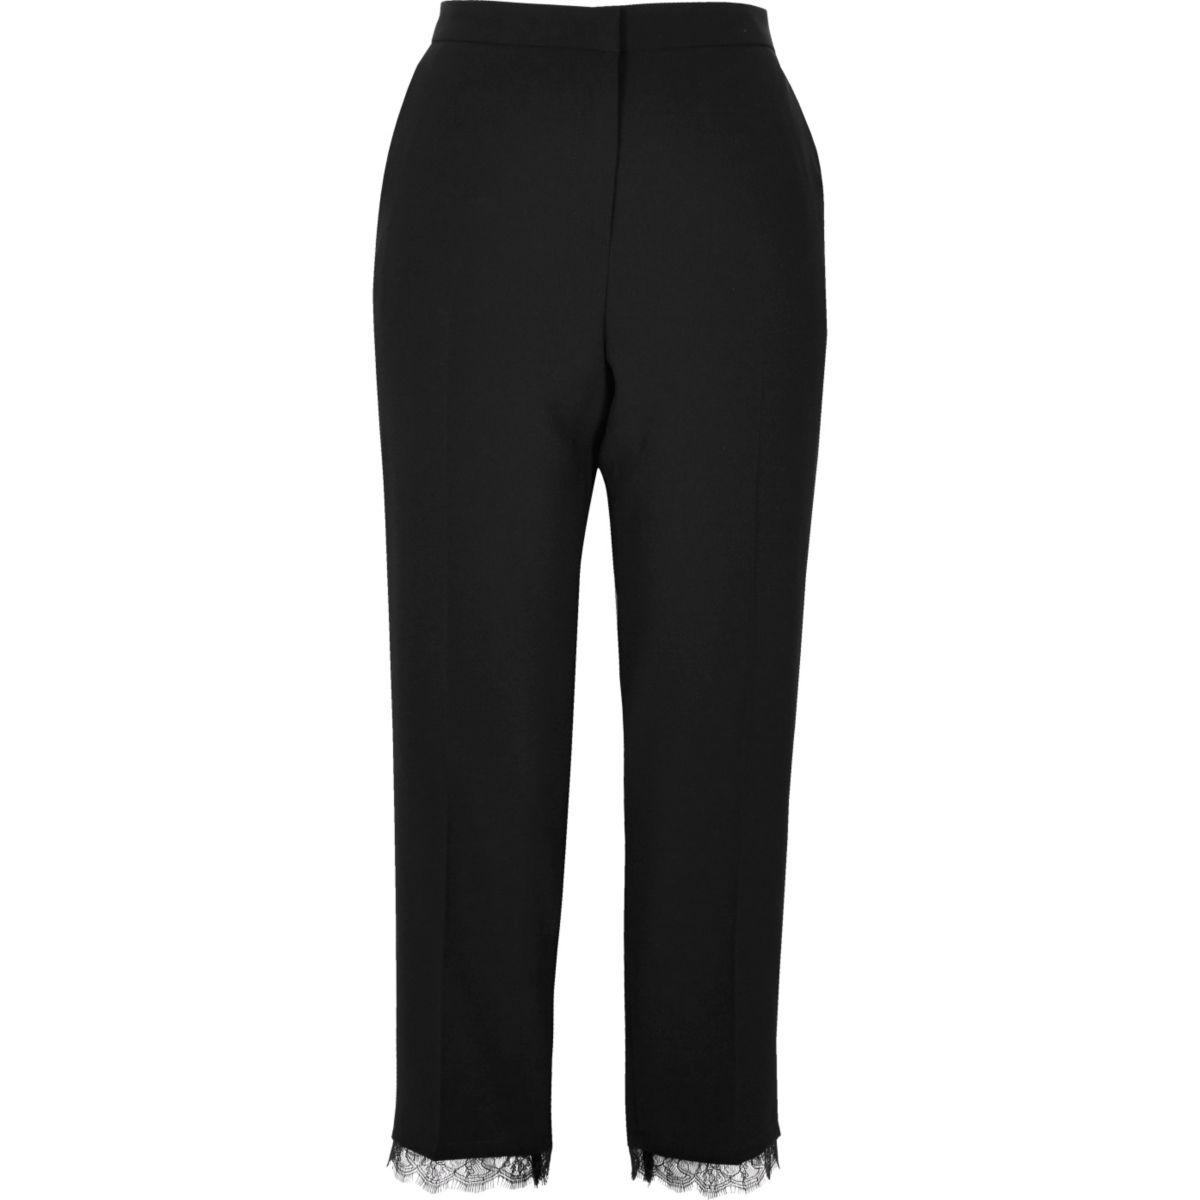 Black lace hem tailored pants